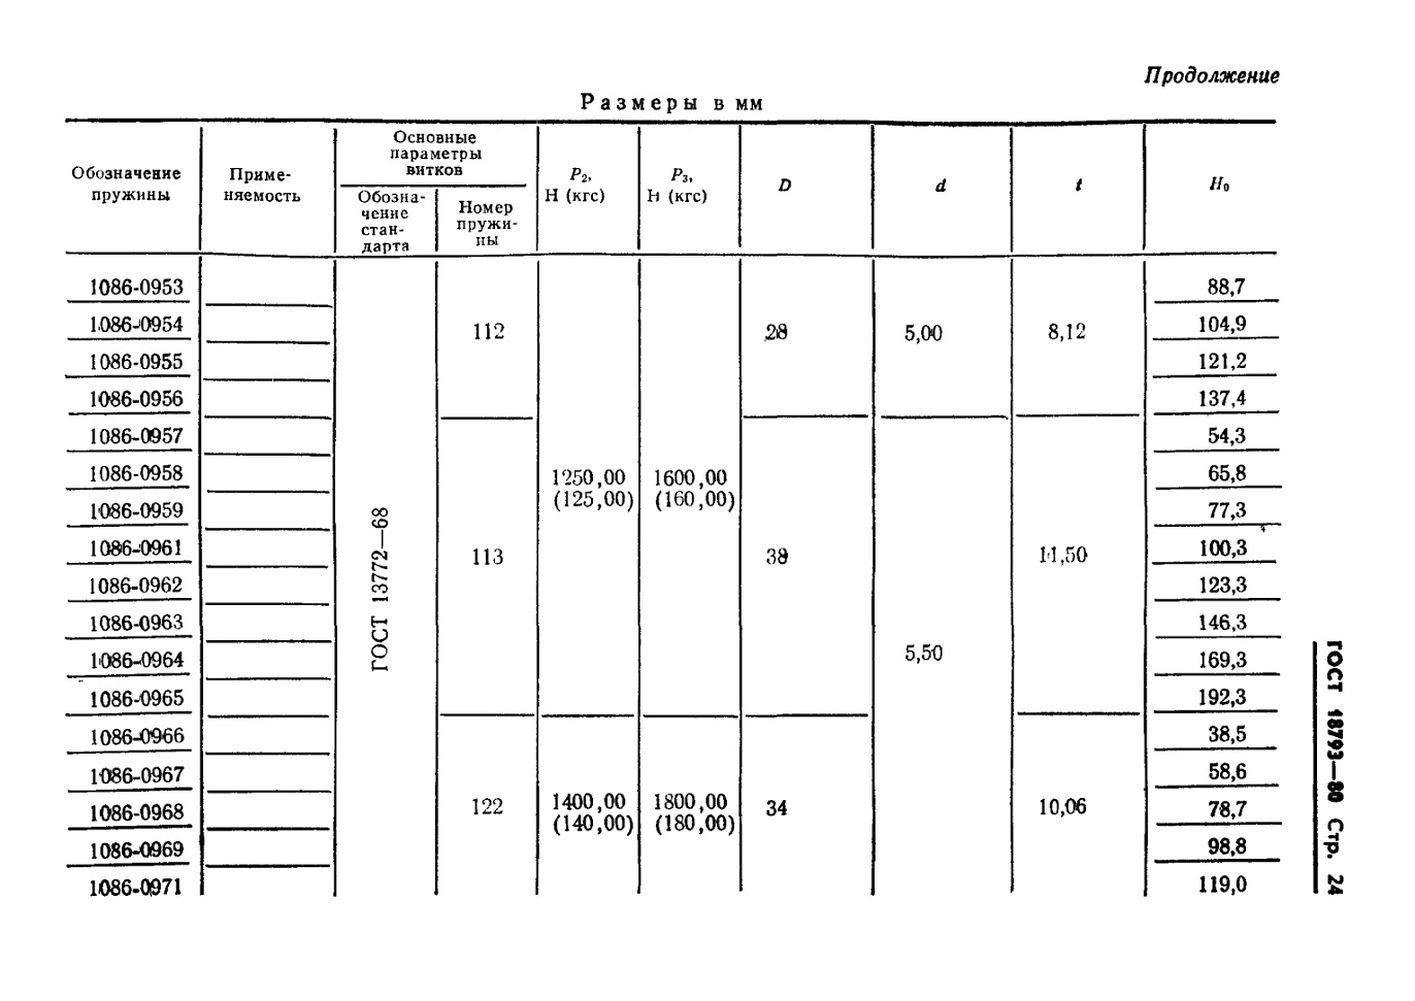 Пружины сжатия ГОСТ 18793-80 стр.24